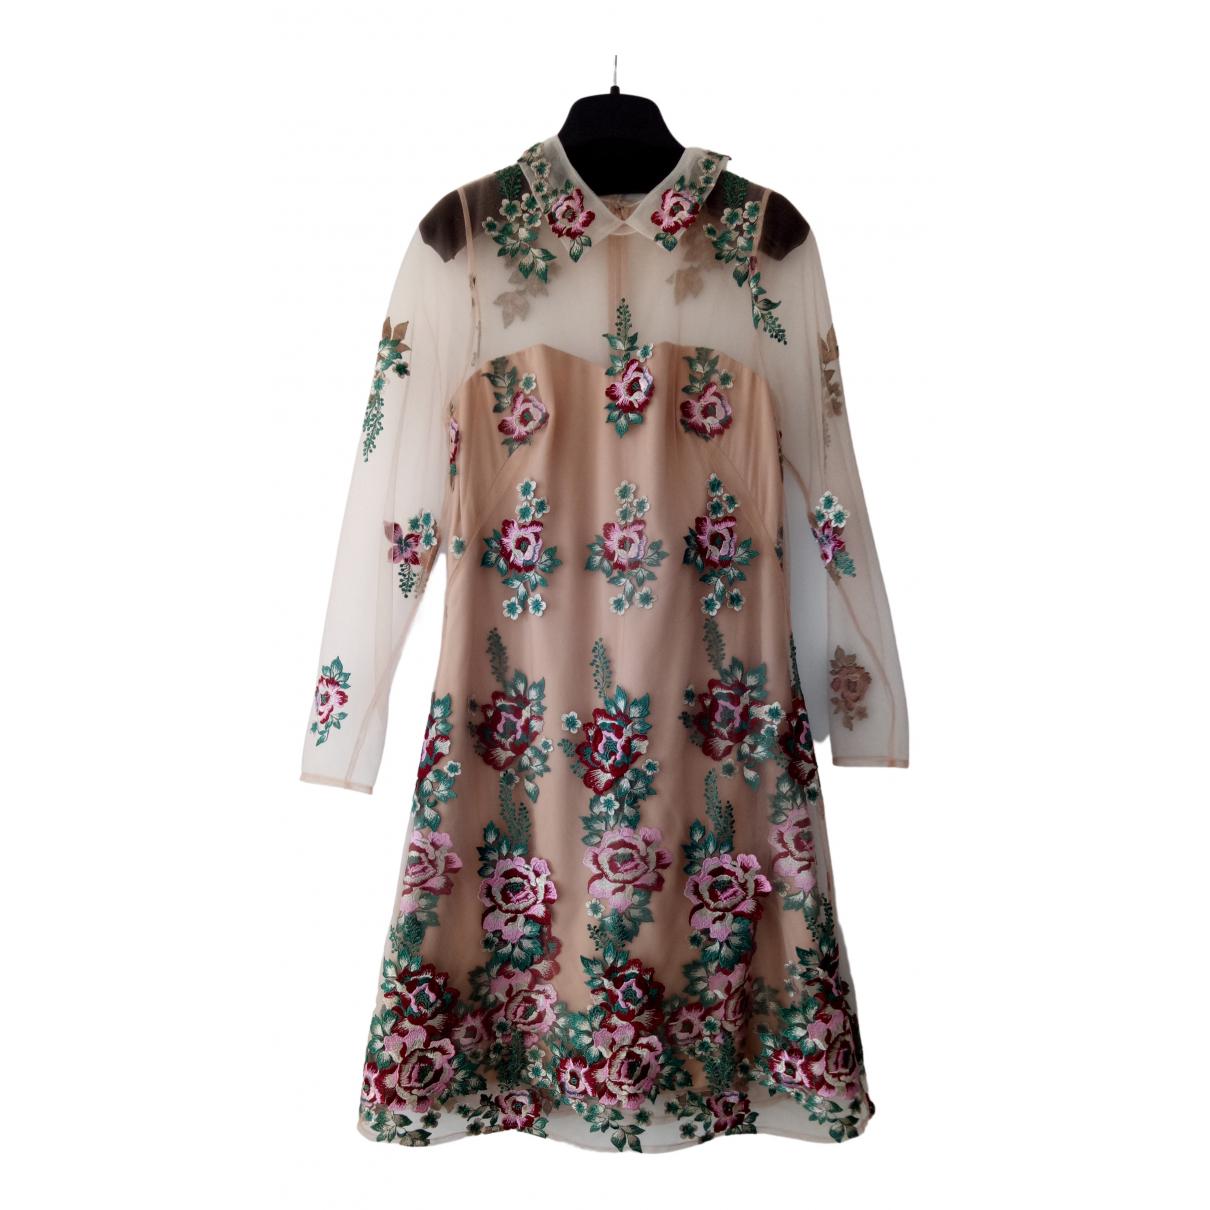 Marchesa Notte \N Kleid in  Bunt Polyester